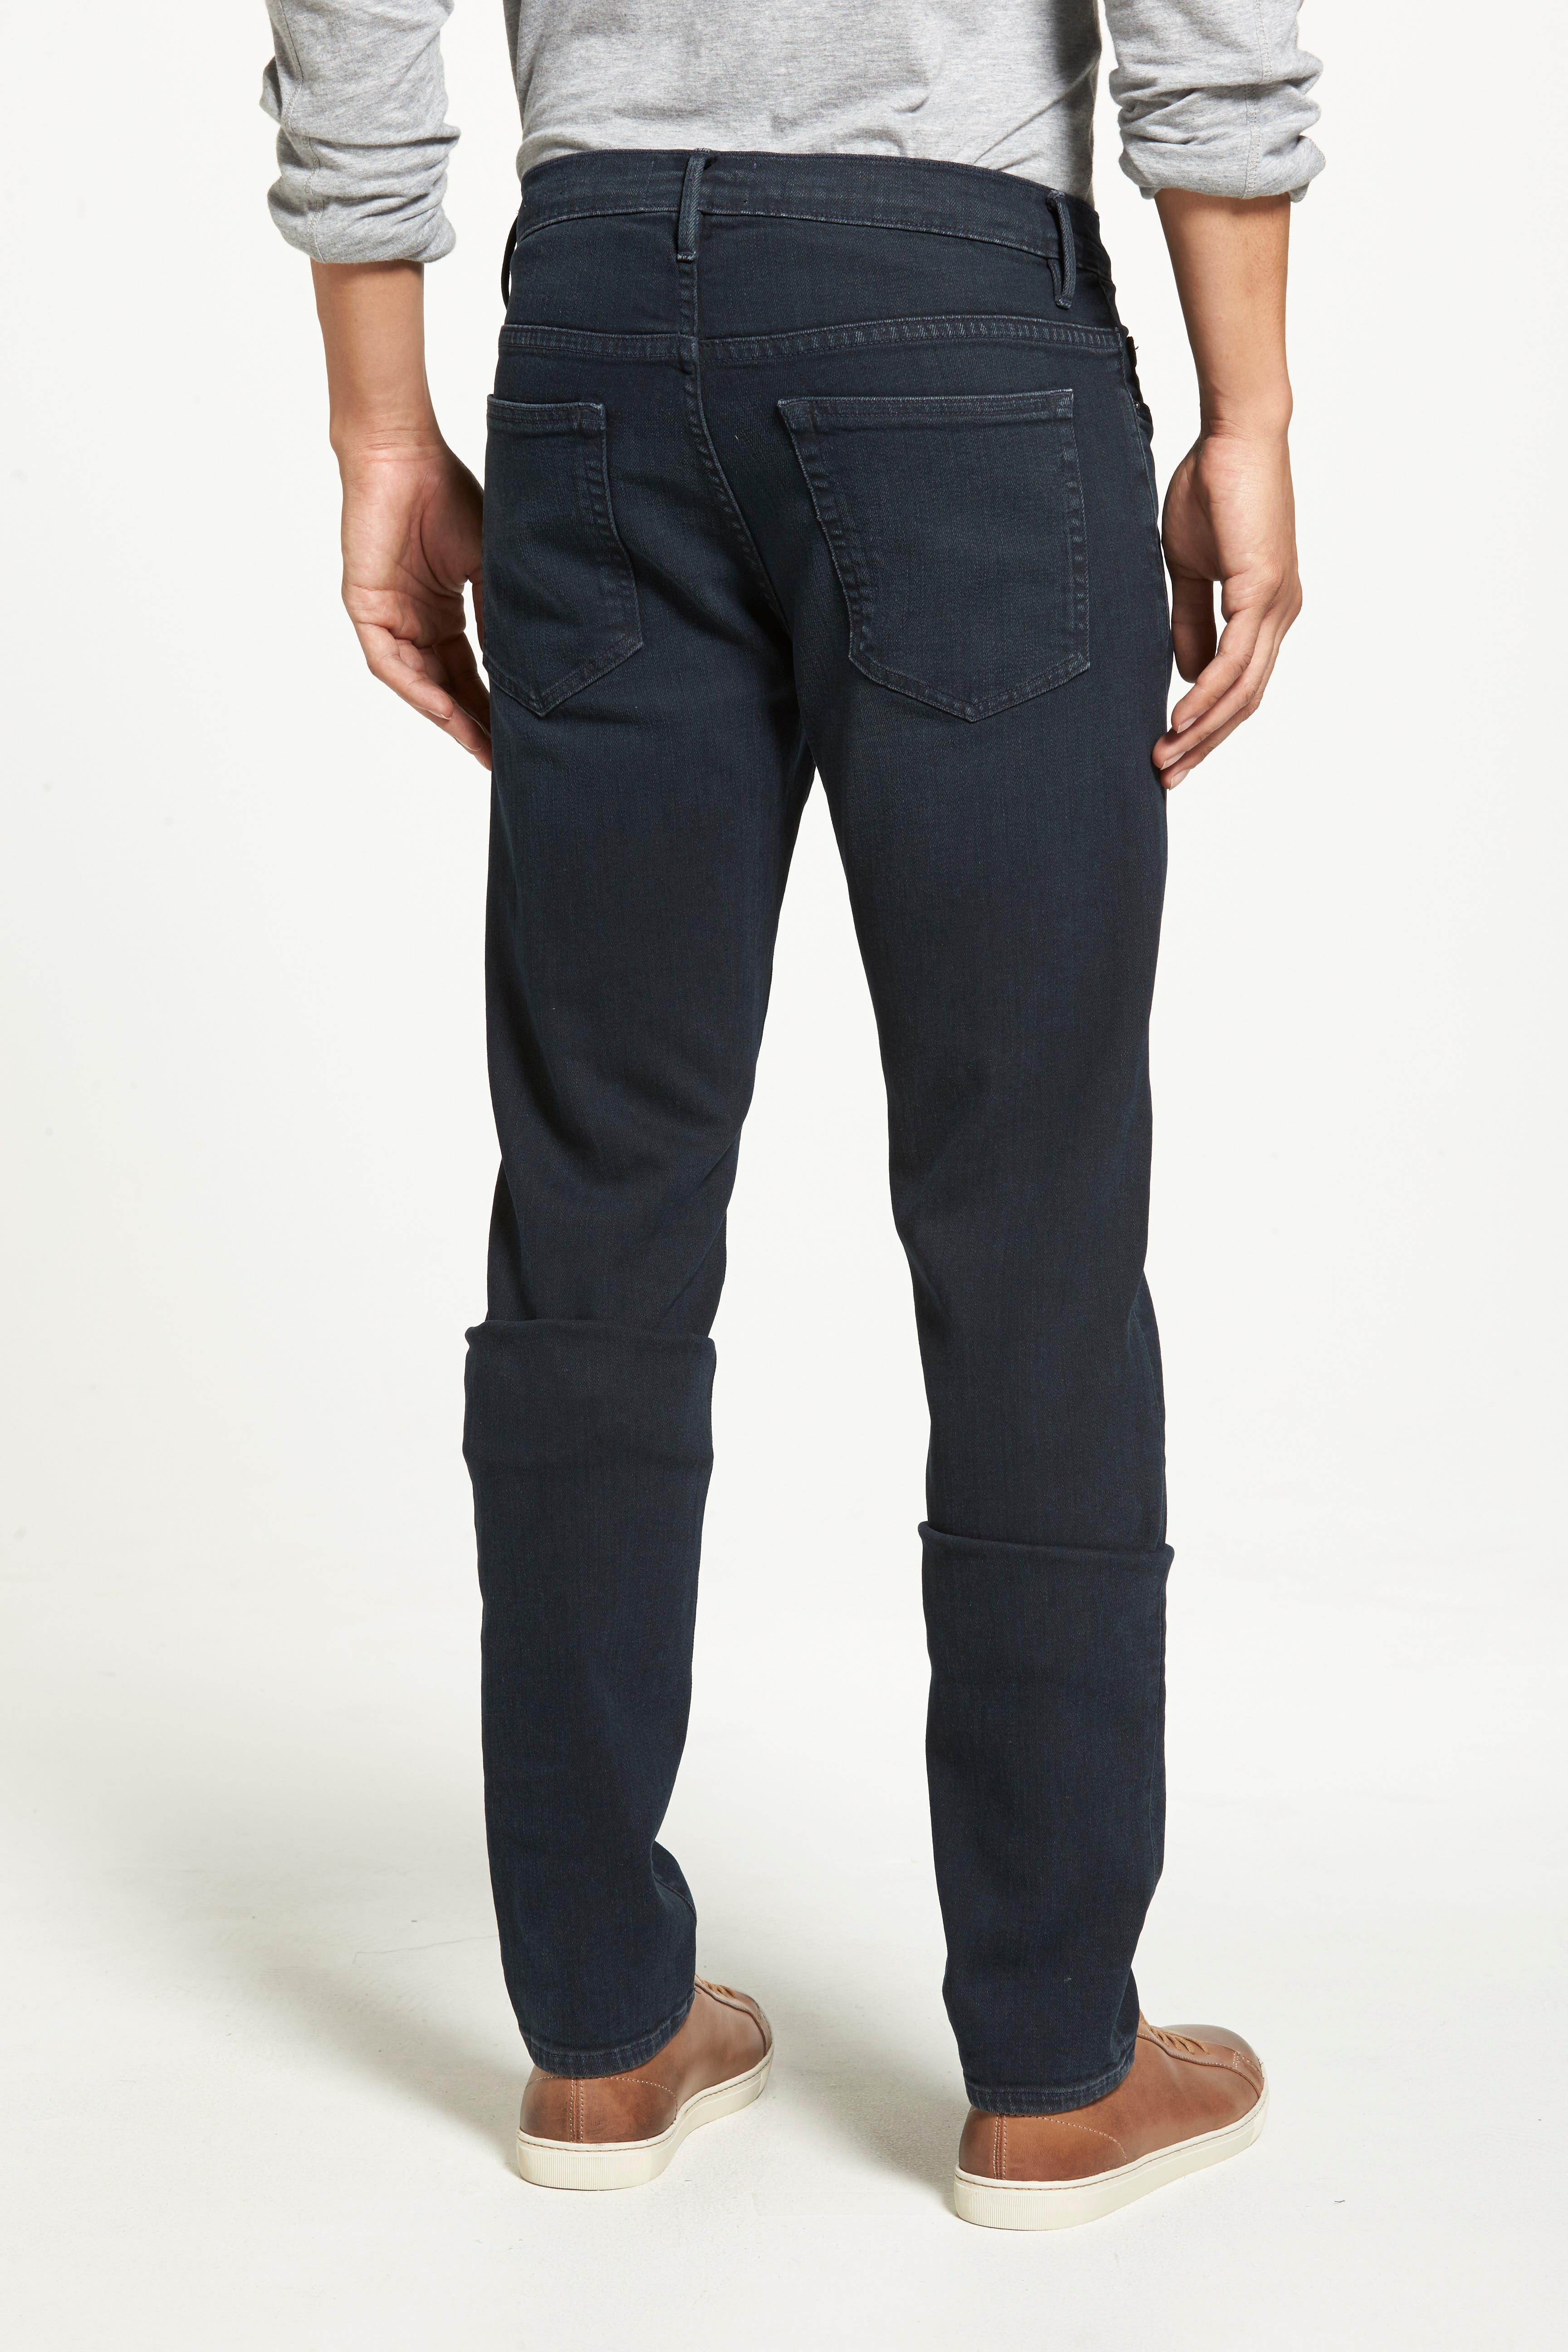 'L'Homme' Slim Fit Jeans,                             Alternate thumbnail 7, color,                             PLACID